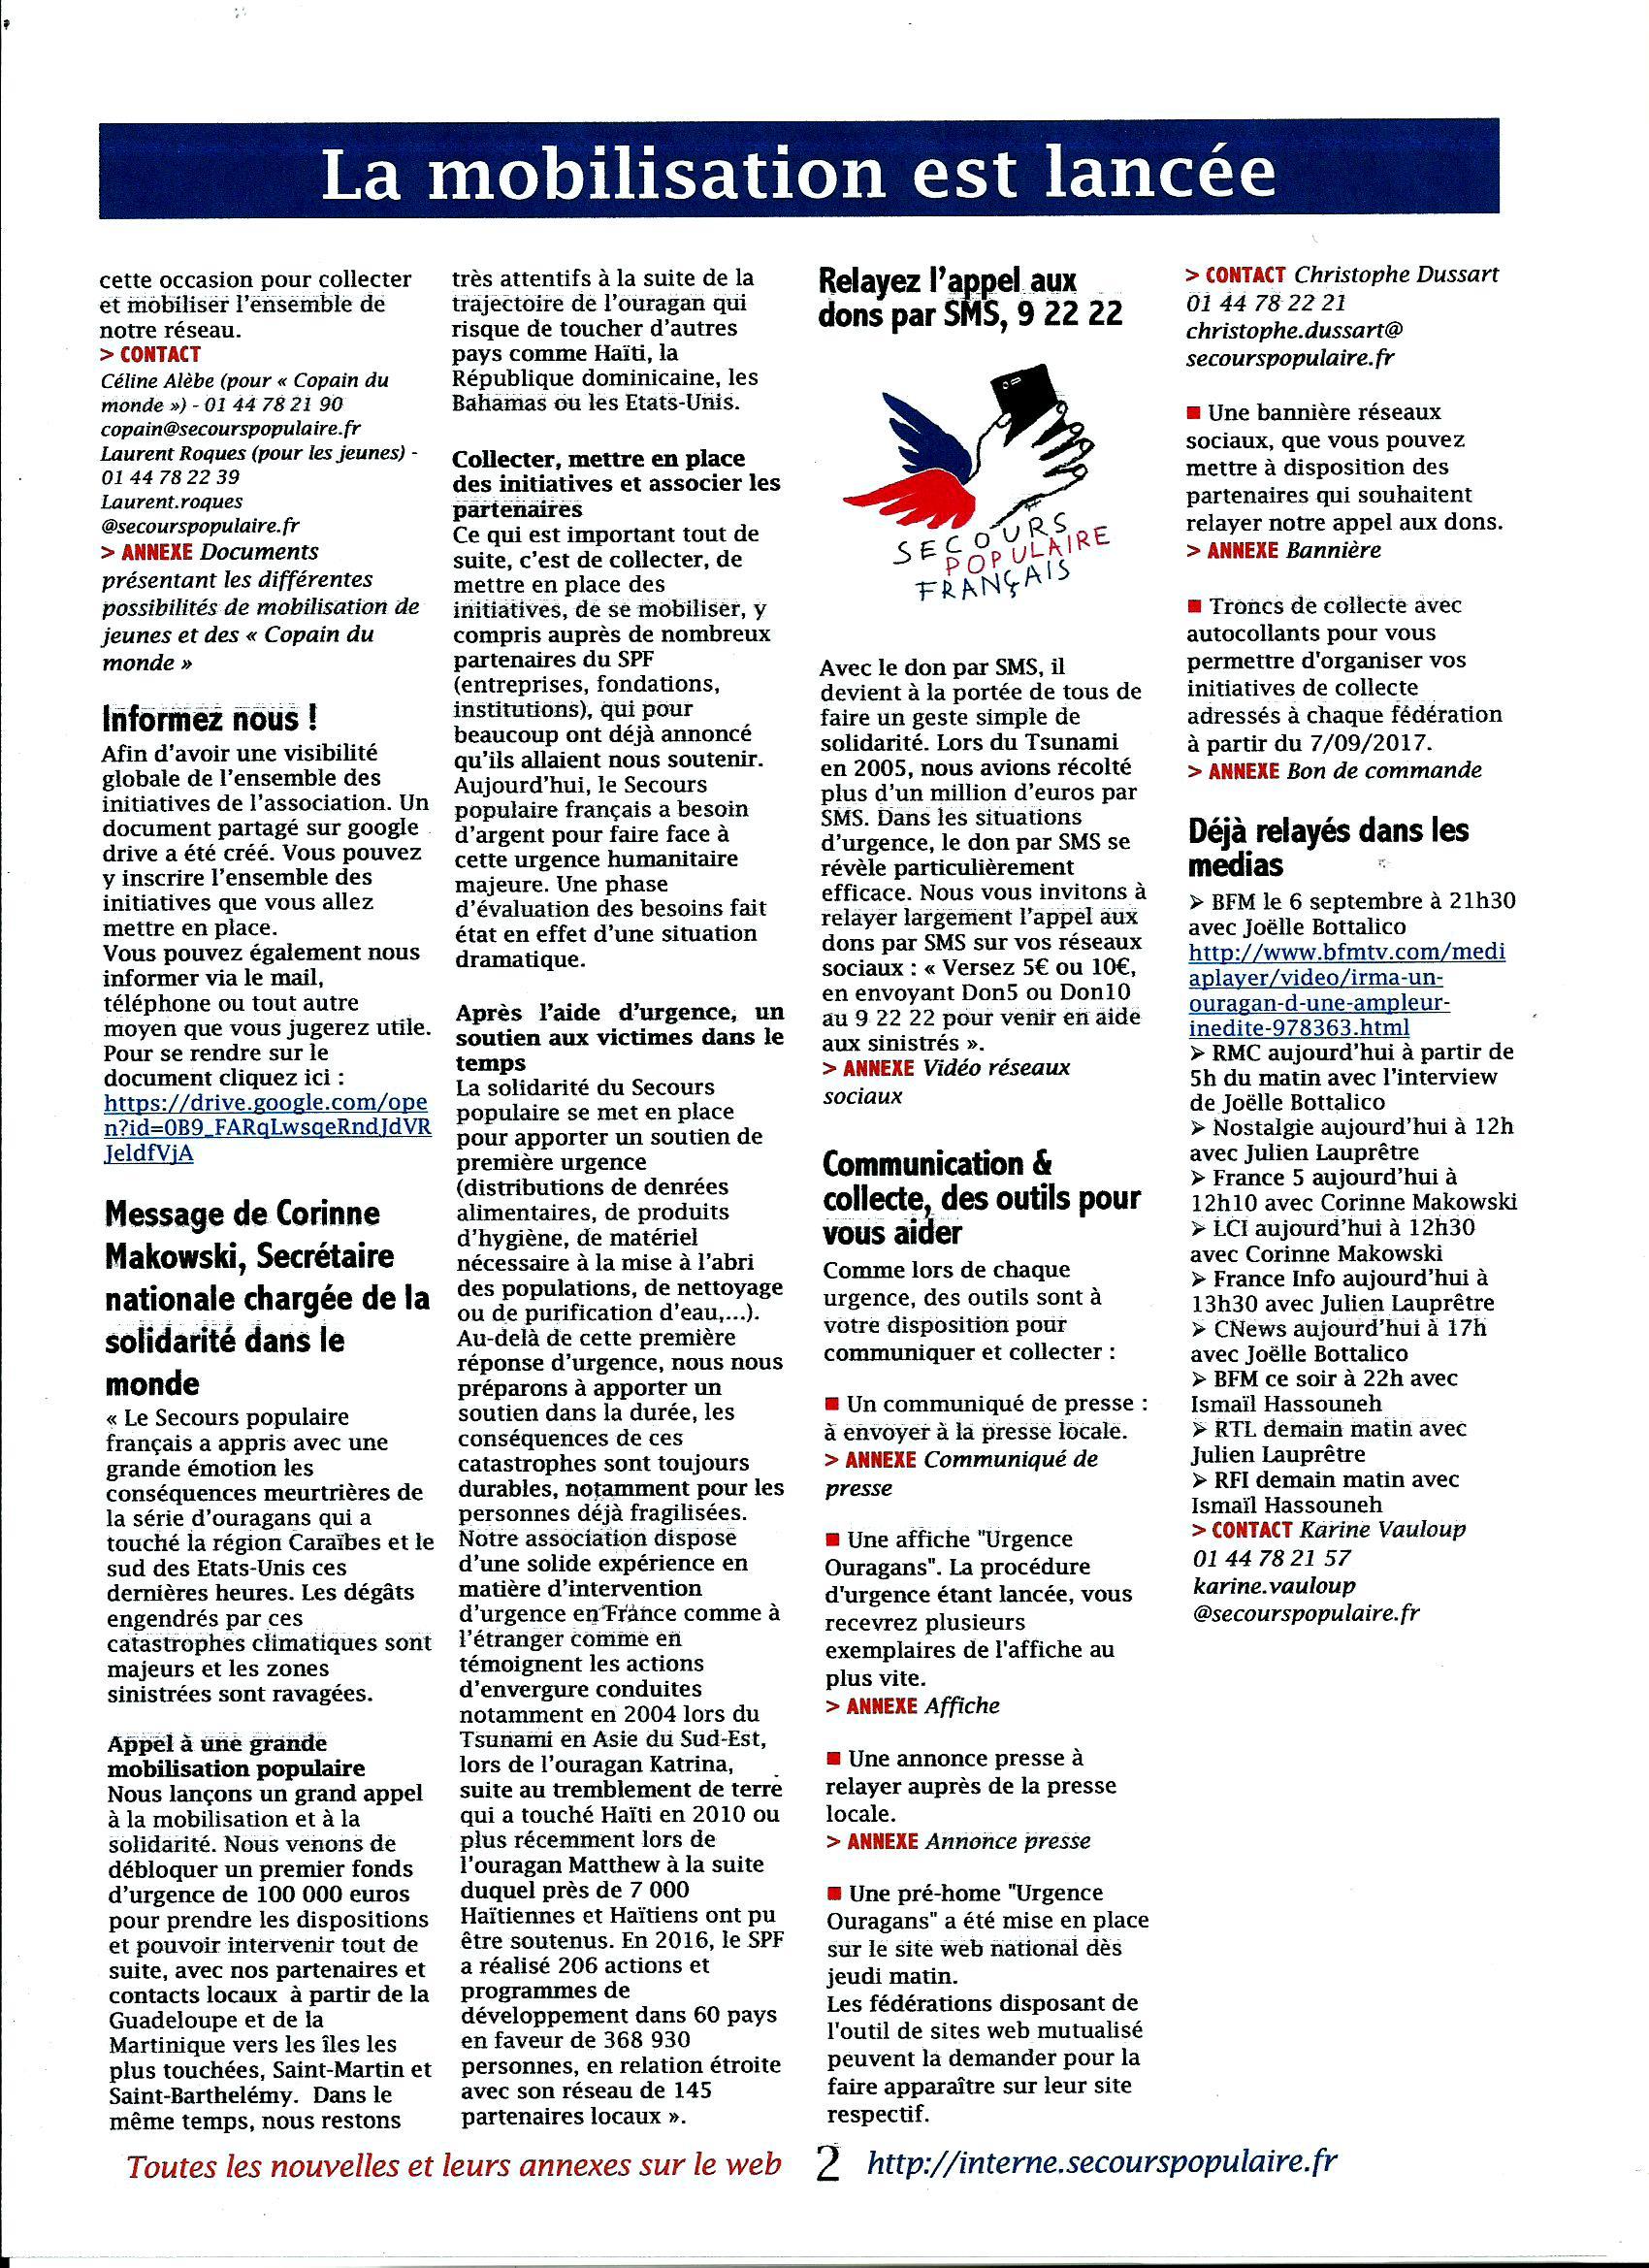 Scan SPF 45 LES NOUVELLES N°1 La mobilisation est lancée 2017 (.jpg